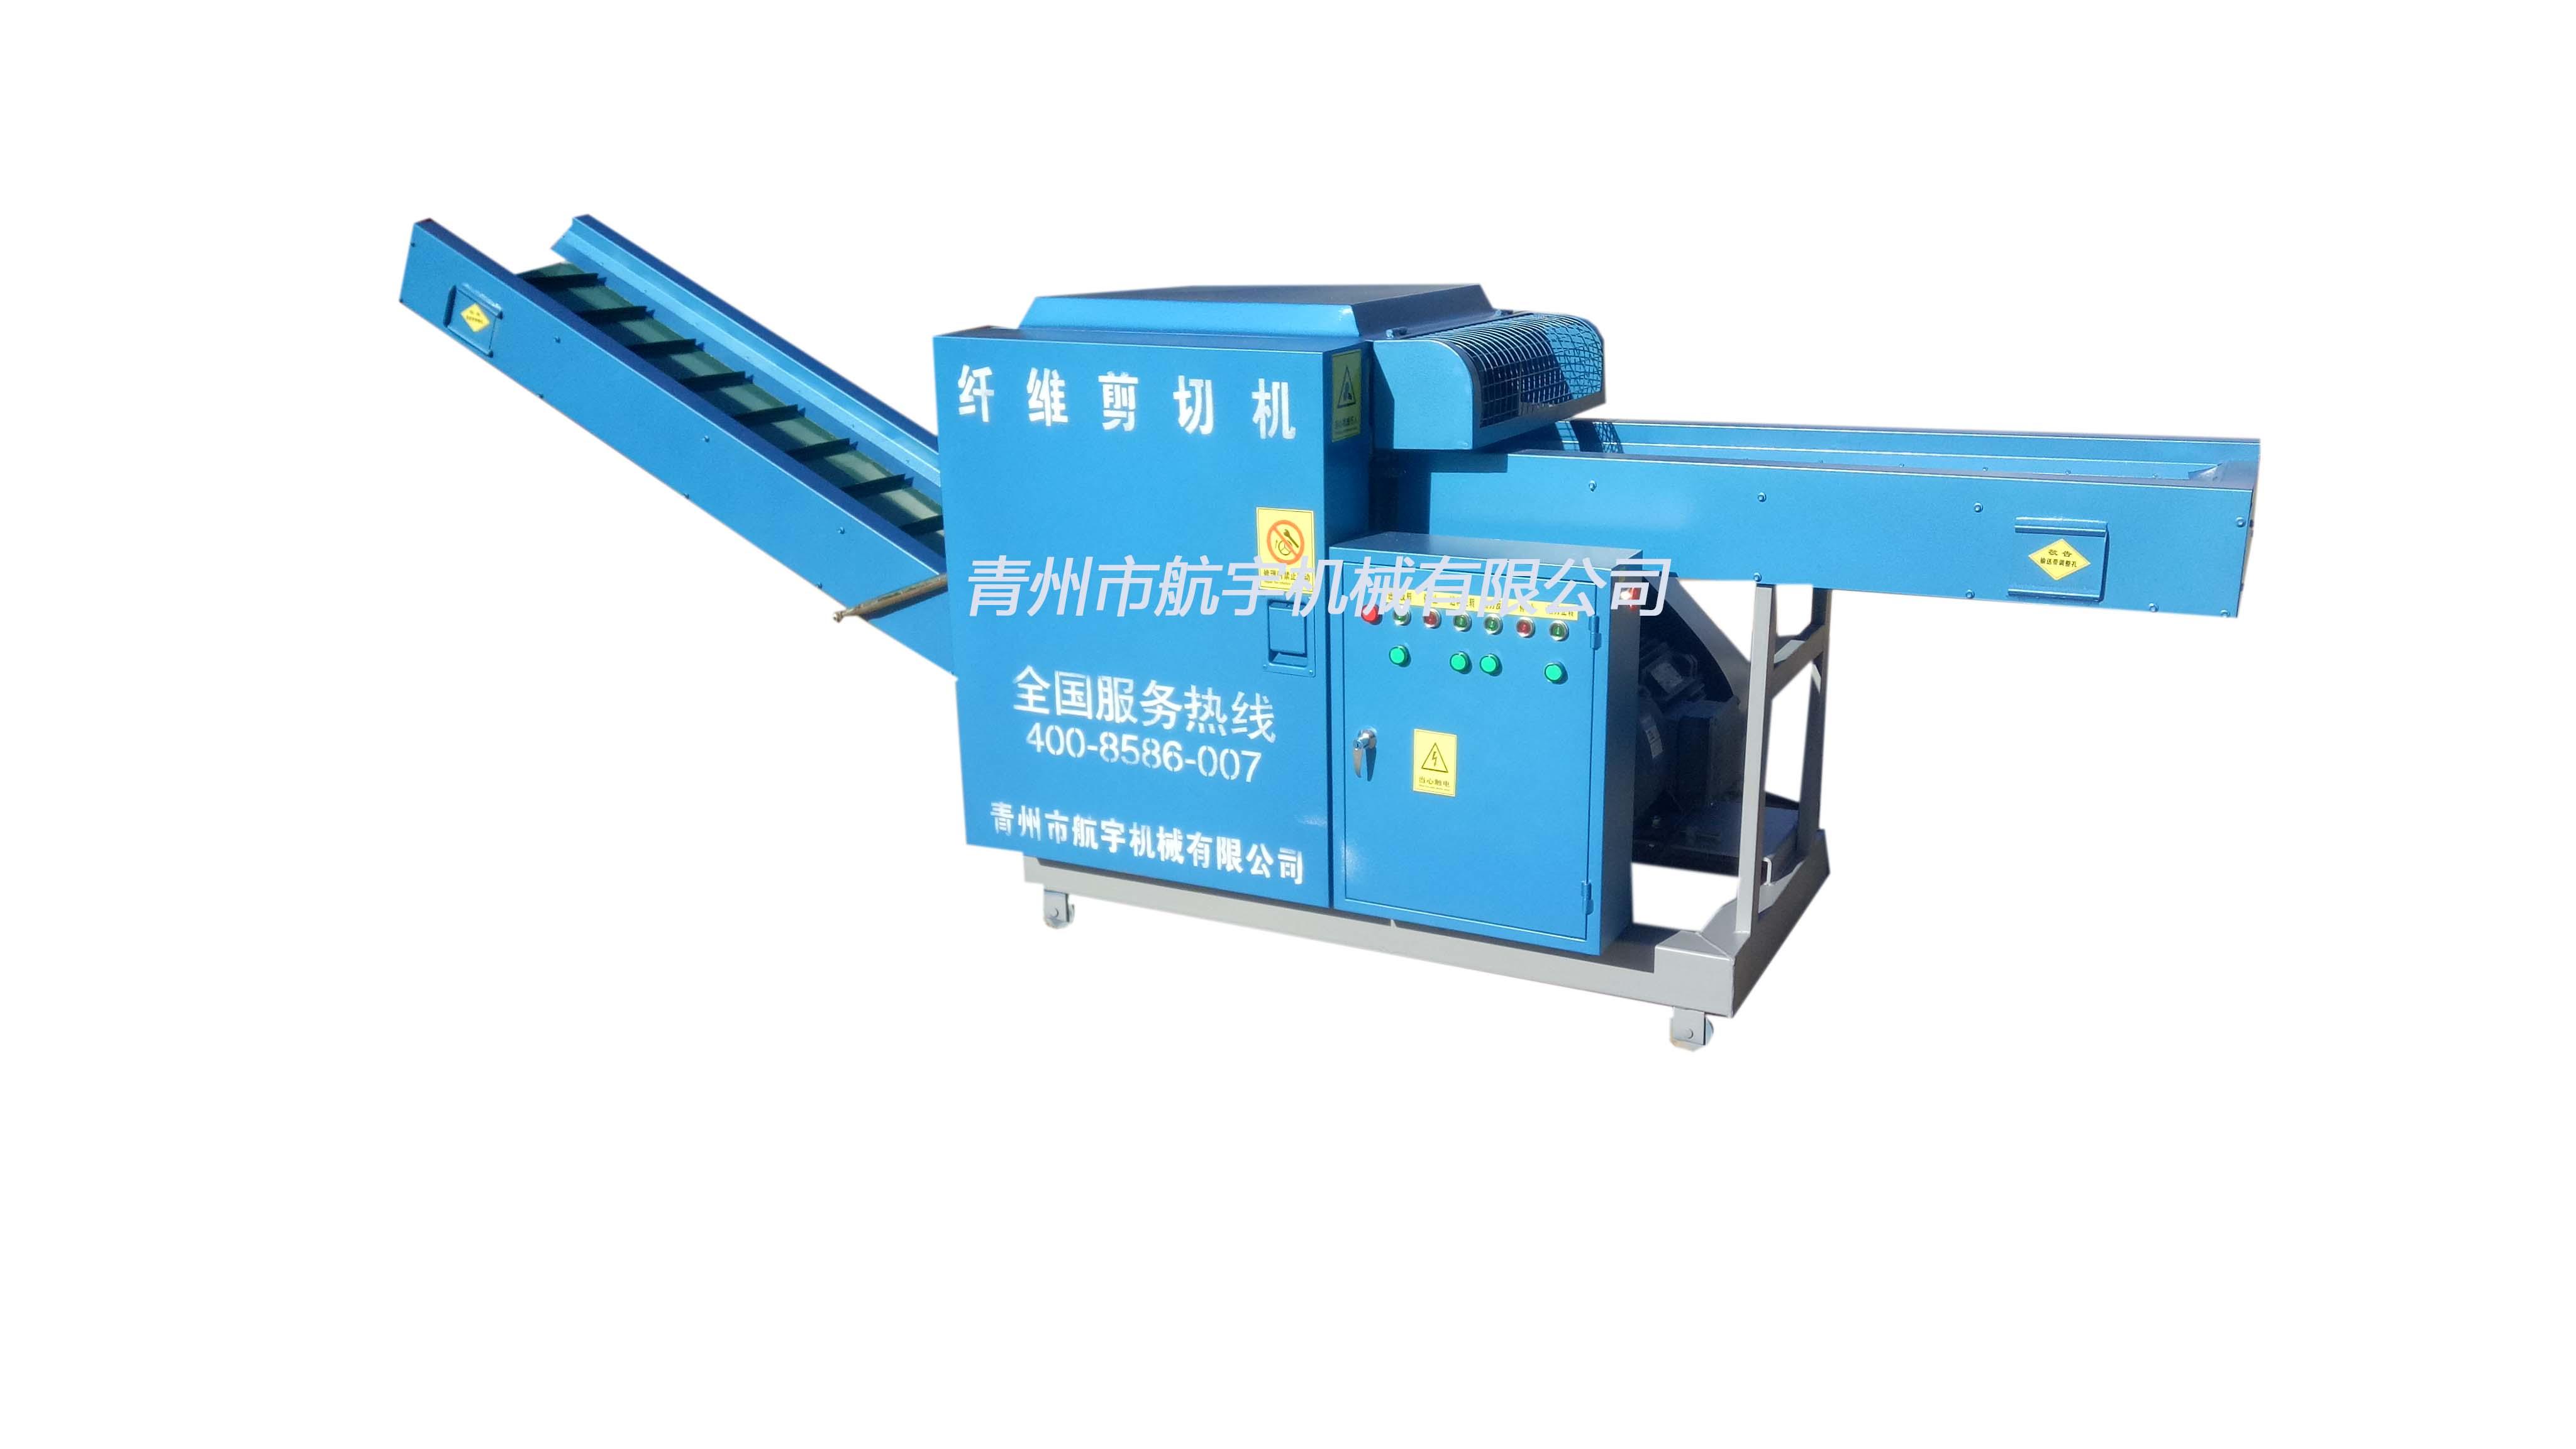 青州玻璃纤维丝剪切机厂家-大量供应好用的碳纤维切断机